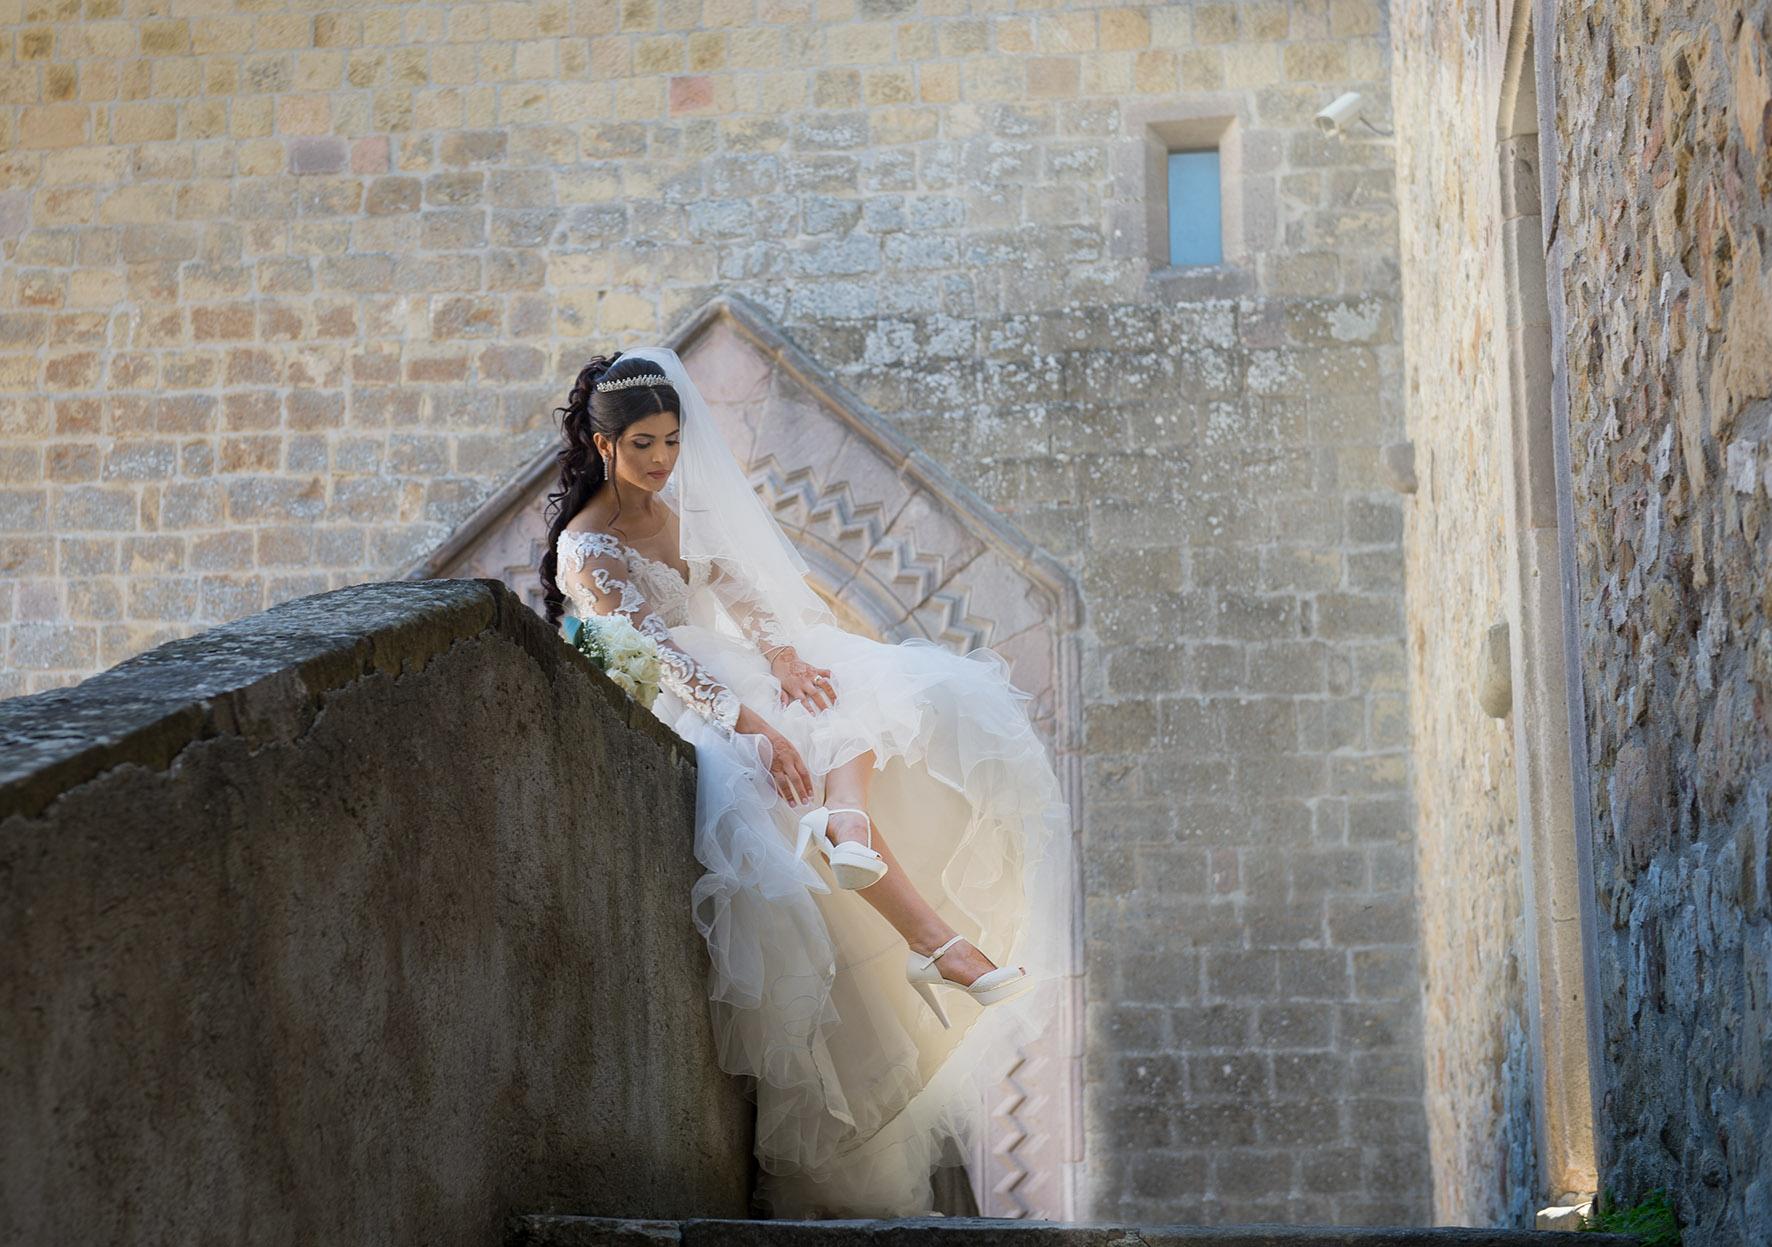 le origini della fotografia di matrimonio